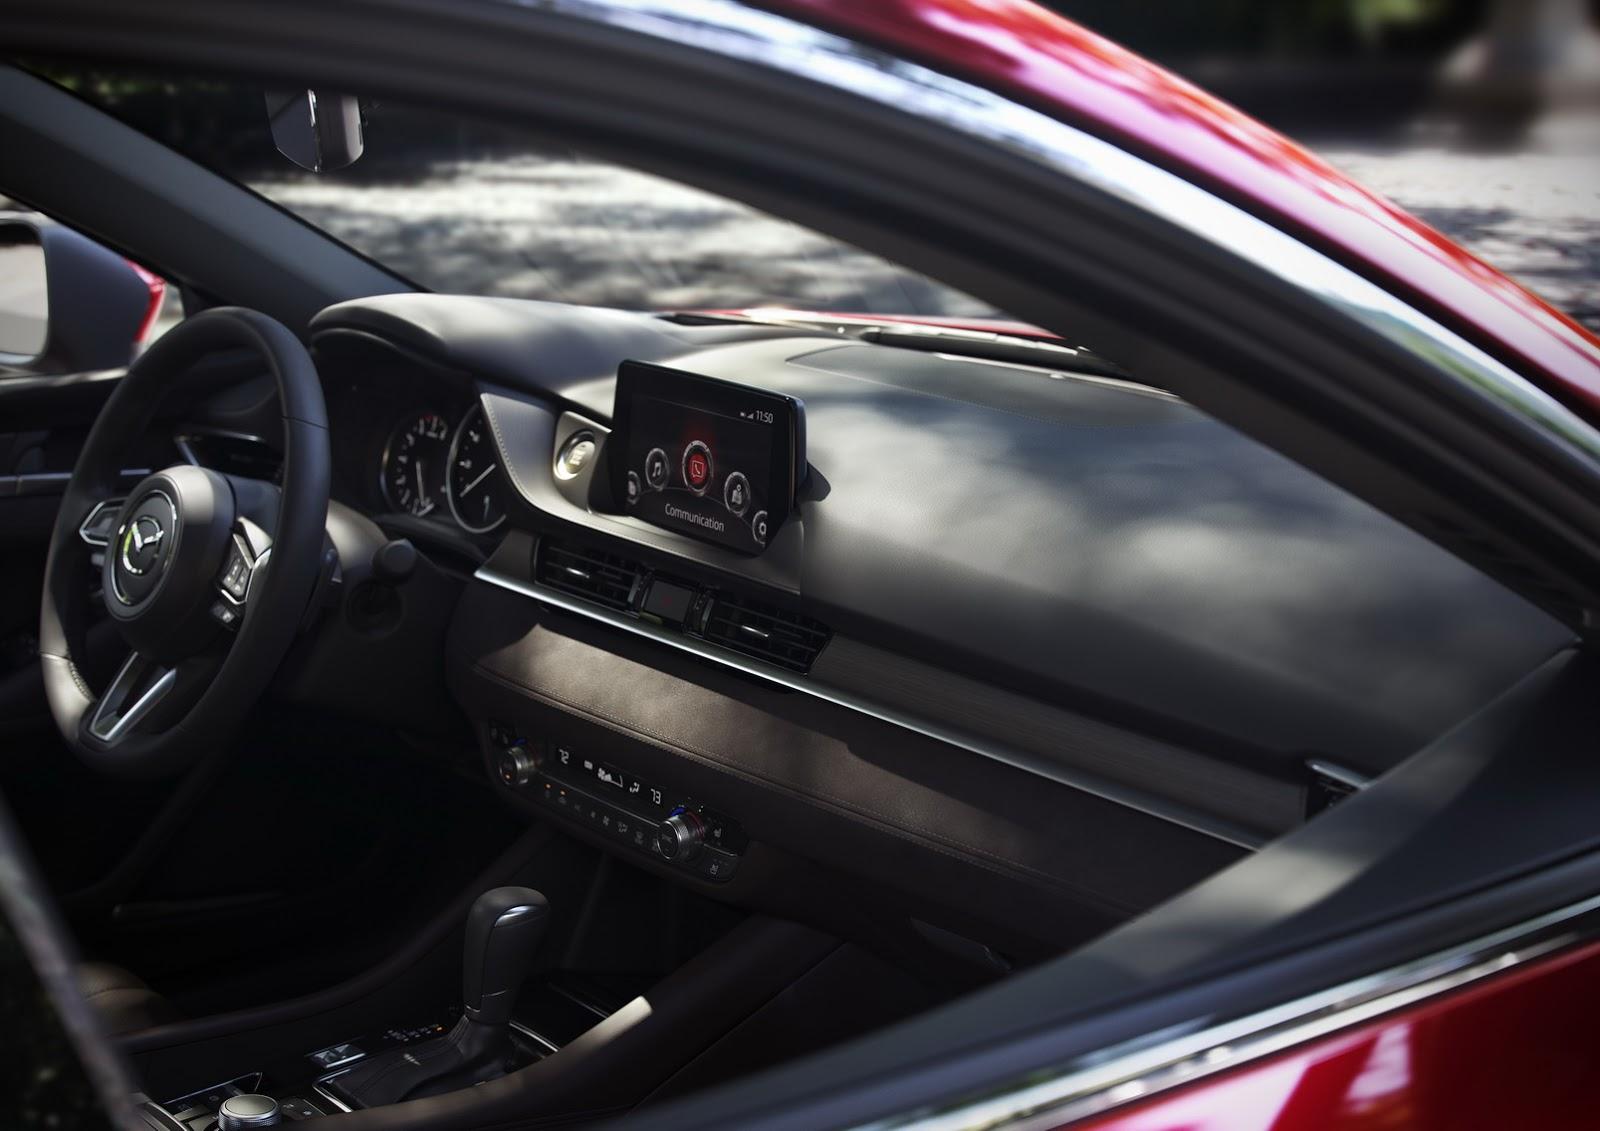 2019-Mazda6-13.jpg